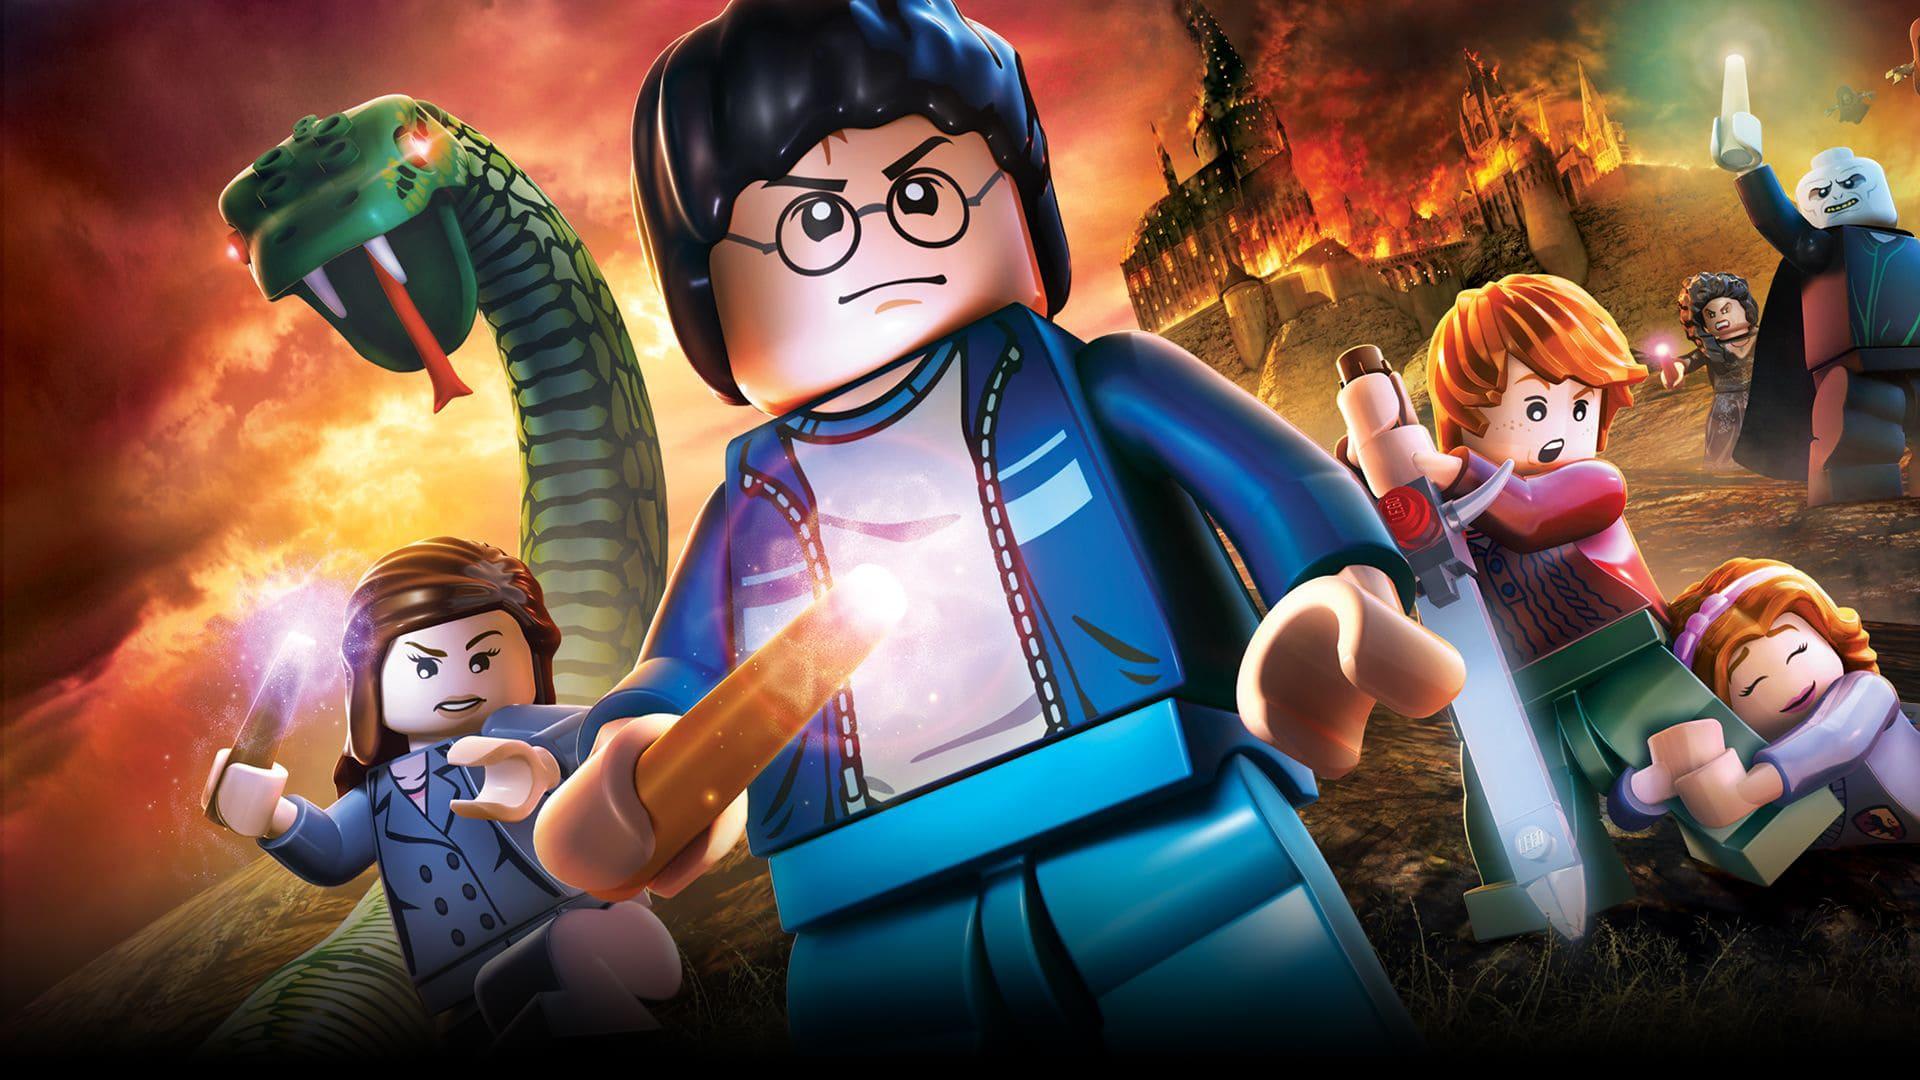 ОтМстителей доГарри Поттера: распродажа игр LEGO началась вSteam